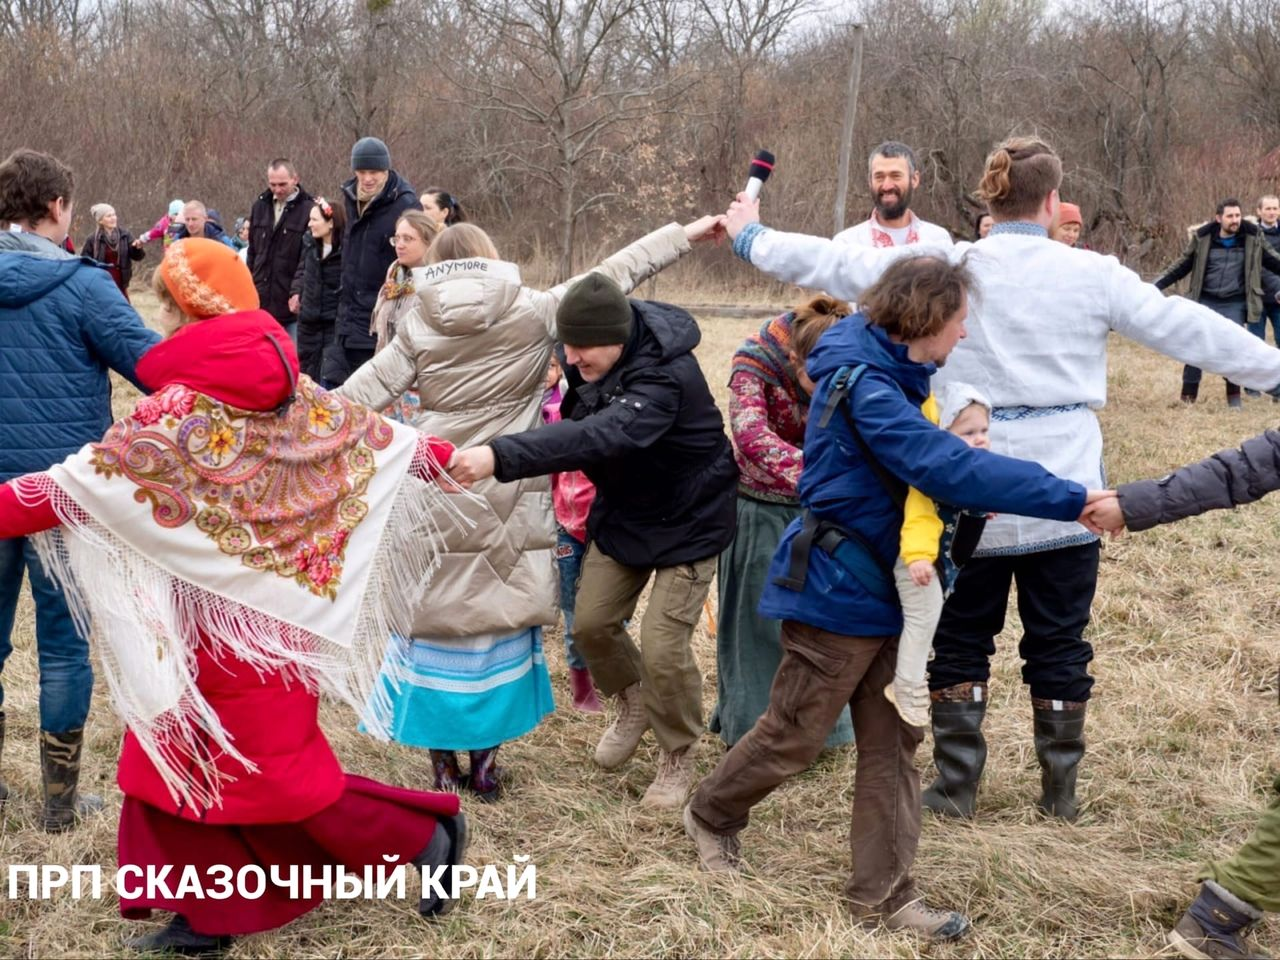 Встреча весны в поселении Сказочный край (7).jpg